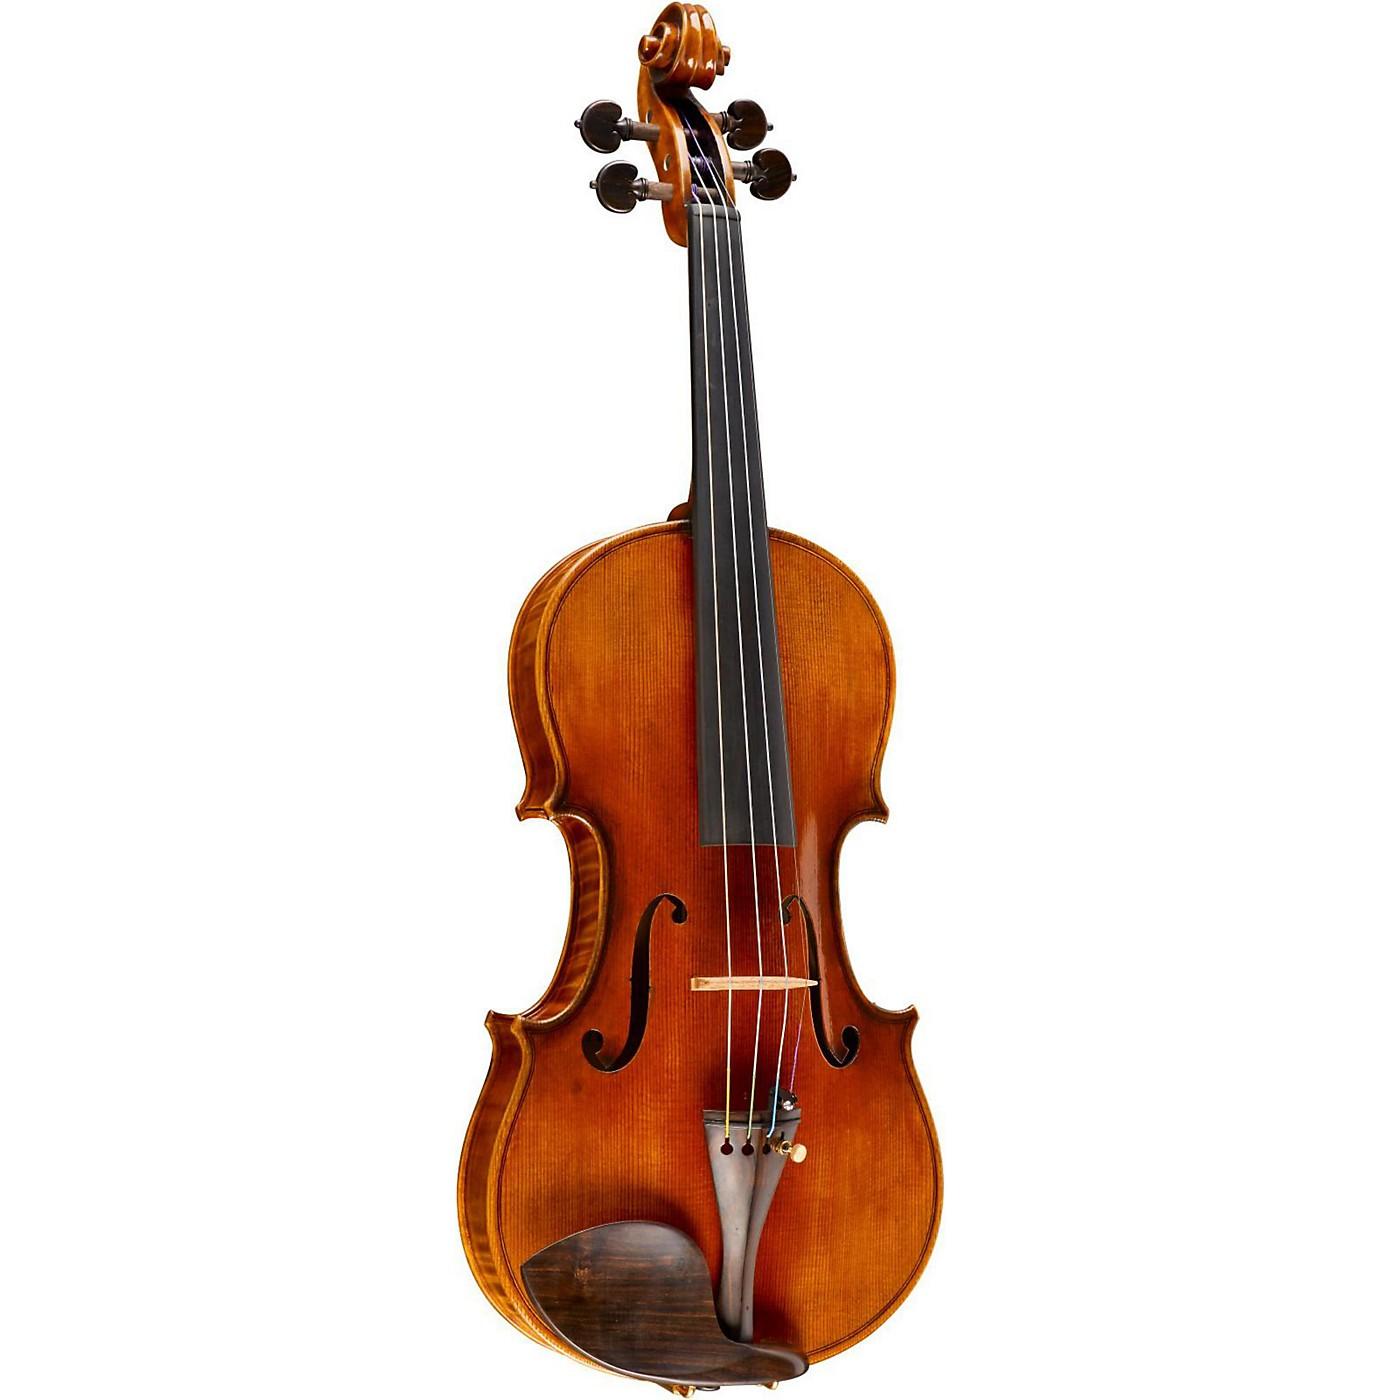 Ren Wei Shi Classique Series Violin thumbnail